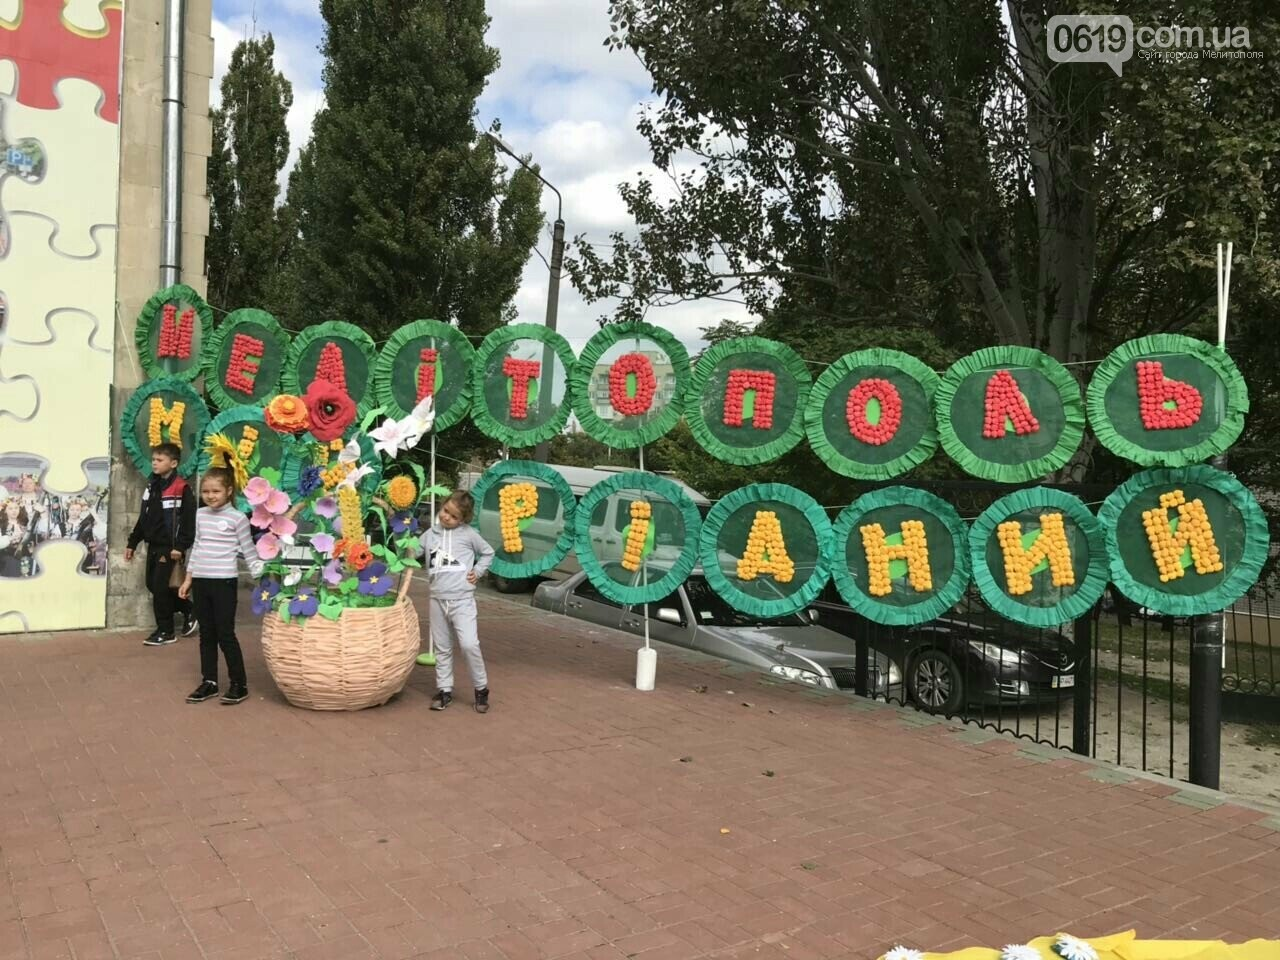 Вкусные блюда, яркие костюмы, выставки-ярмарки: в Мелитополе проходит фестиваль национальных культур, фото-10